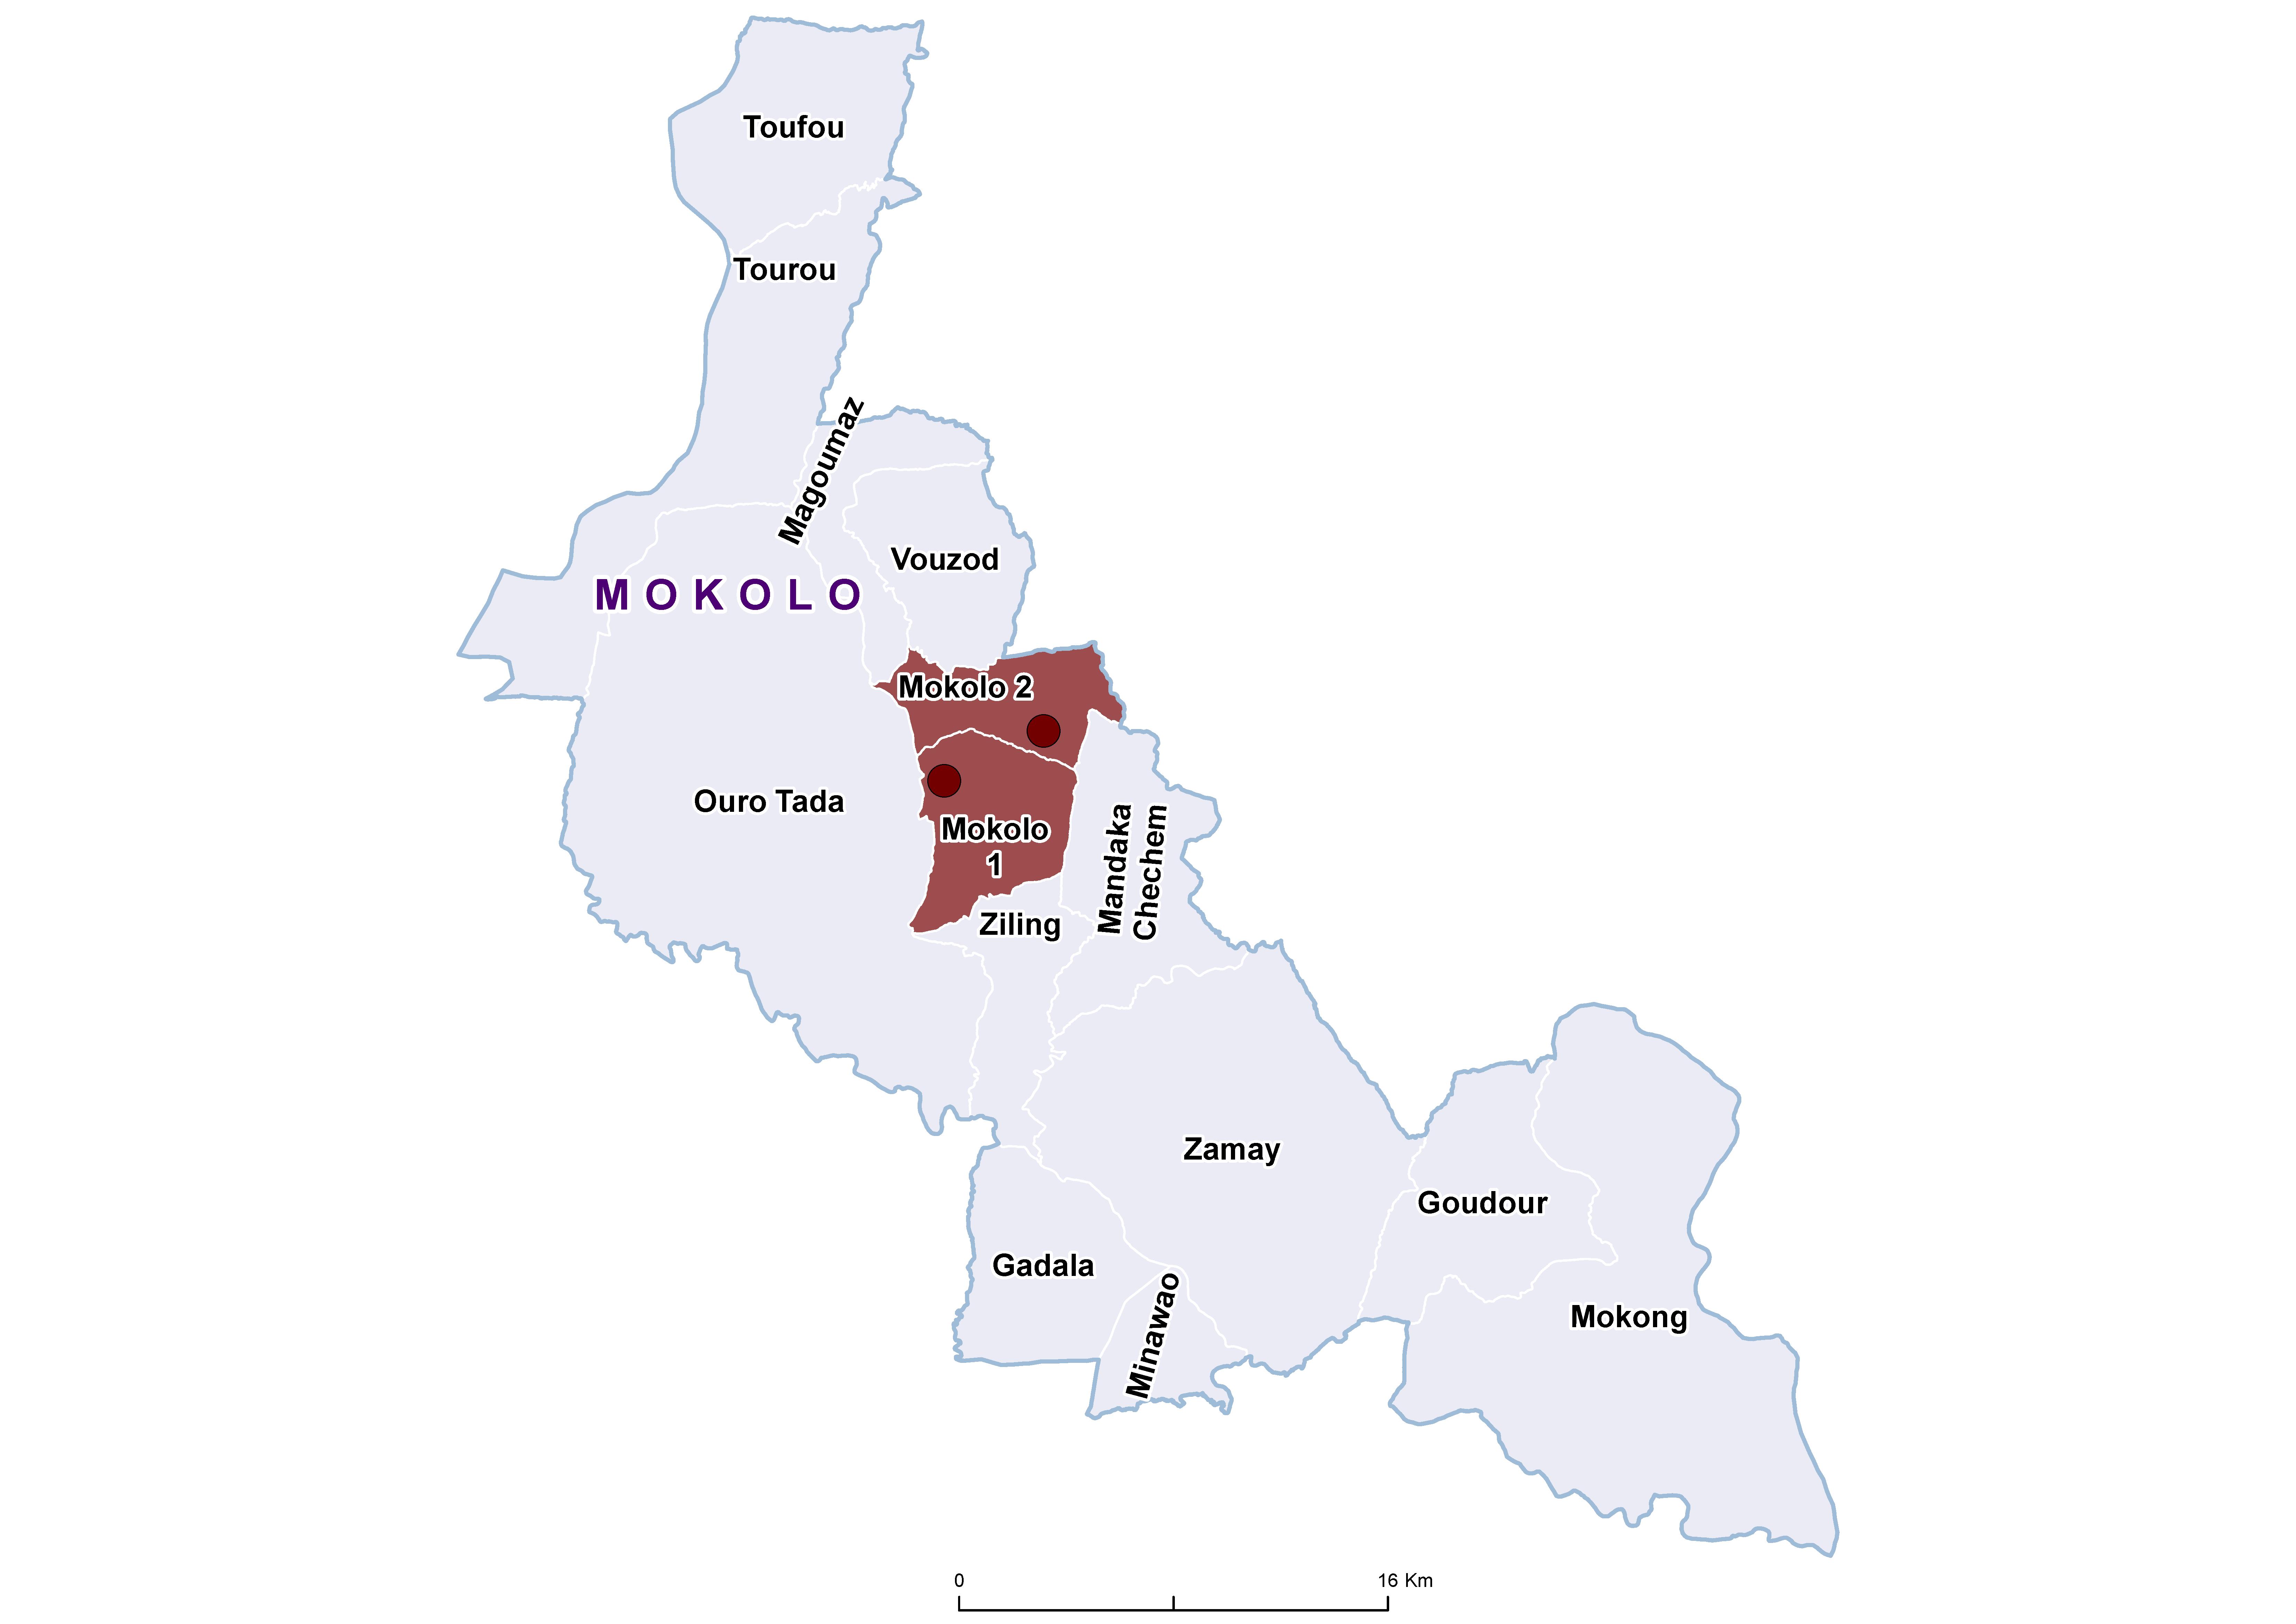 Mokolo SCH 19850001